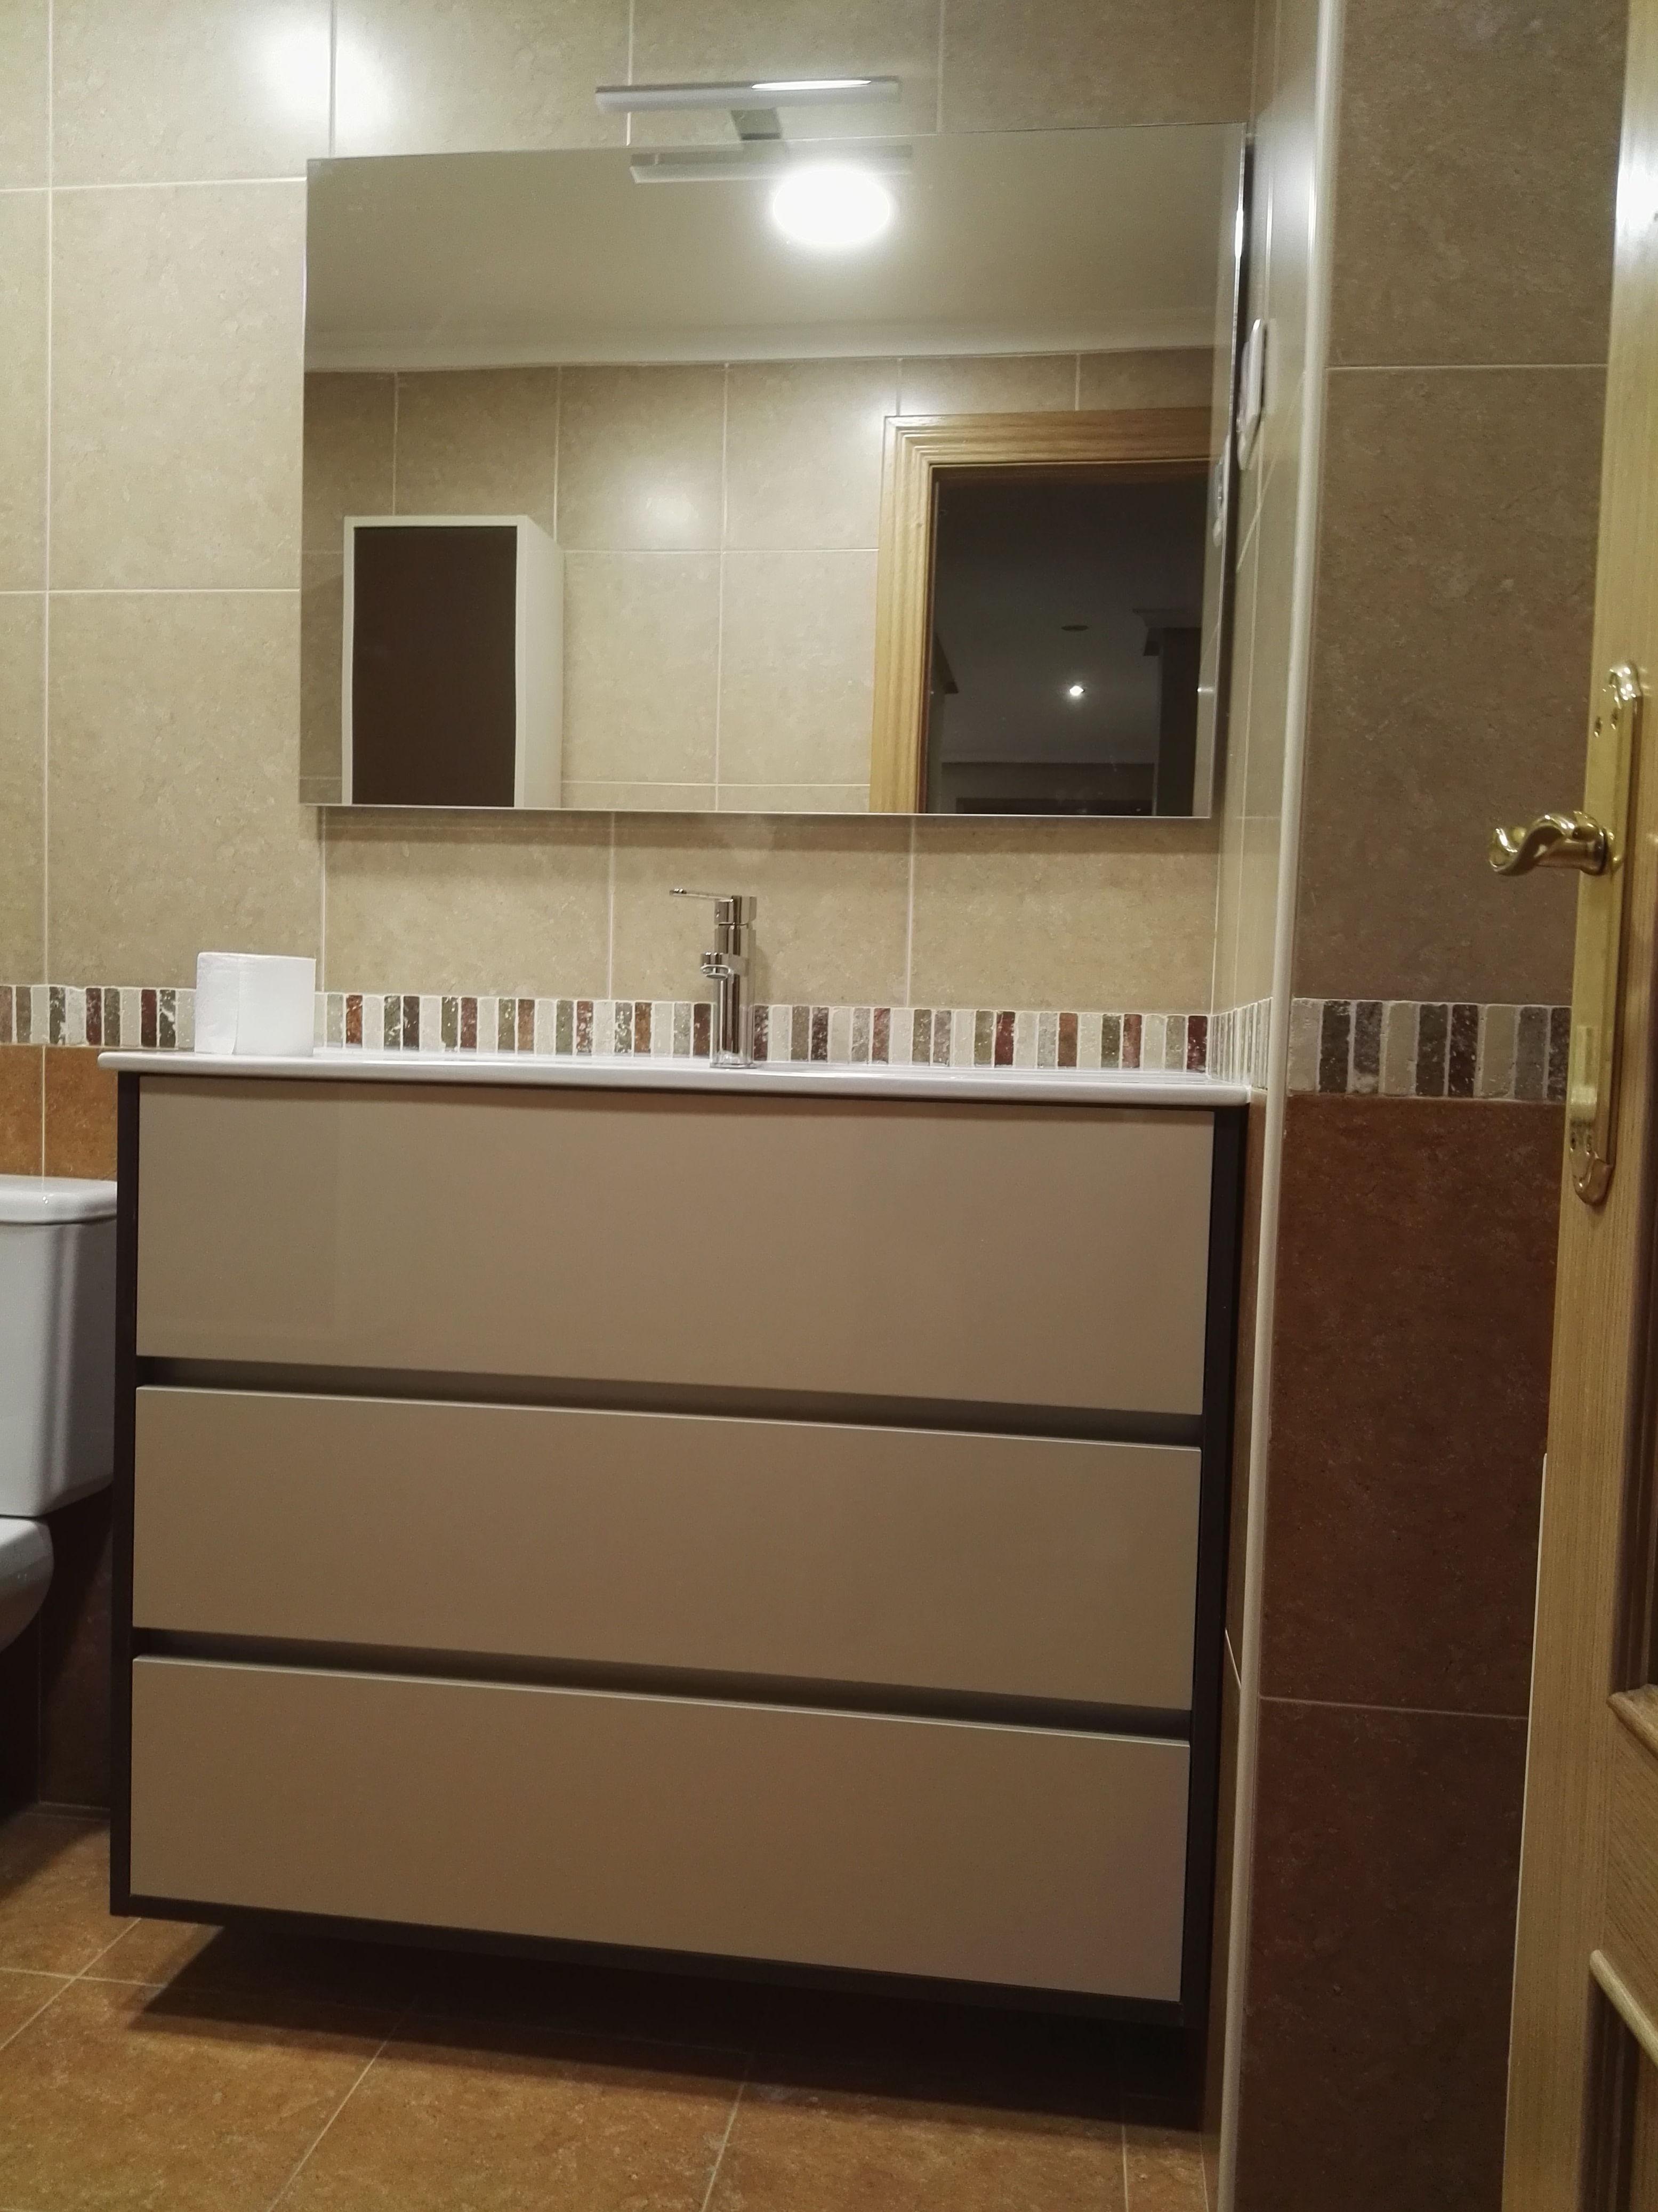 Foto 15 de Reformas en baños y cocinas en Trobajo del Camino | F. Alba, cocinas y baños